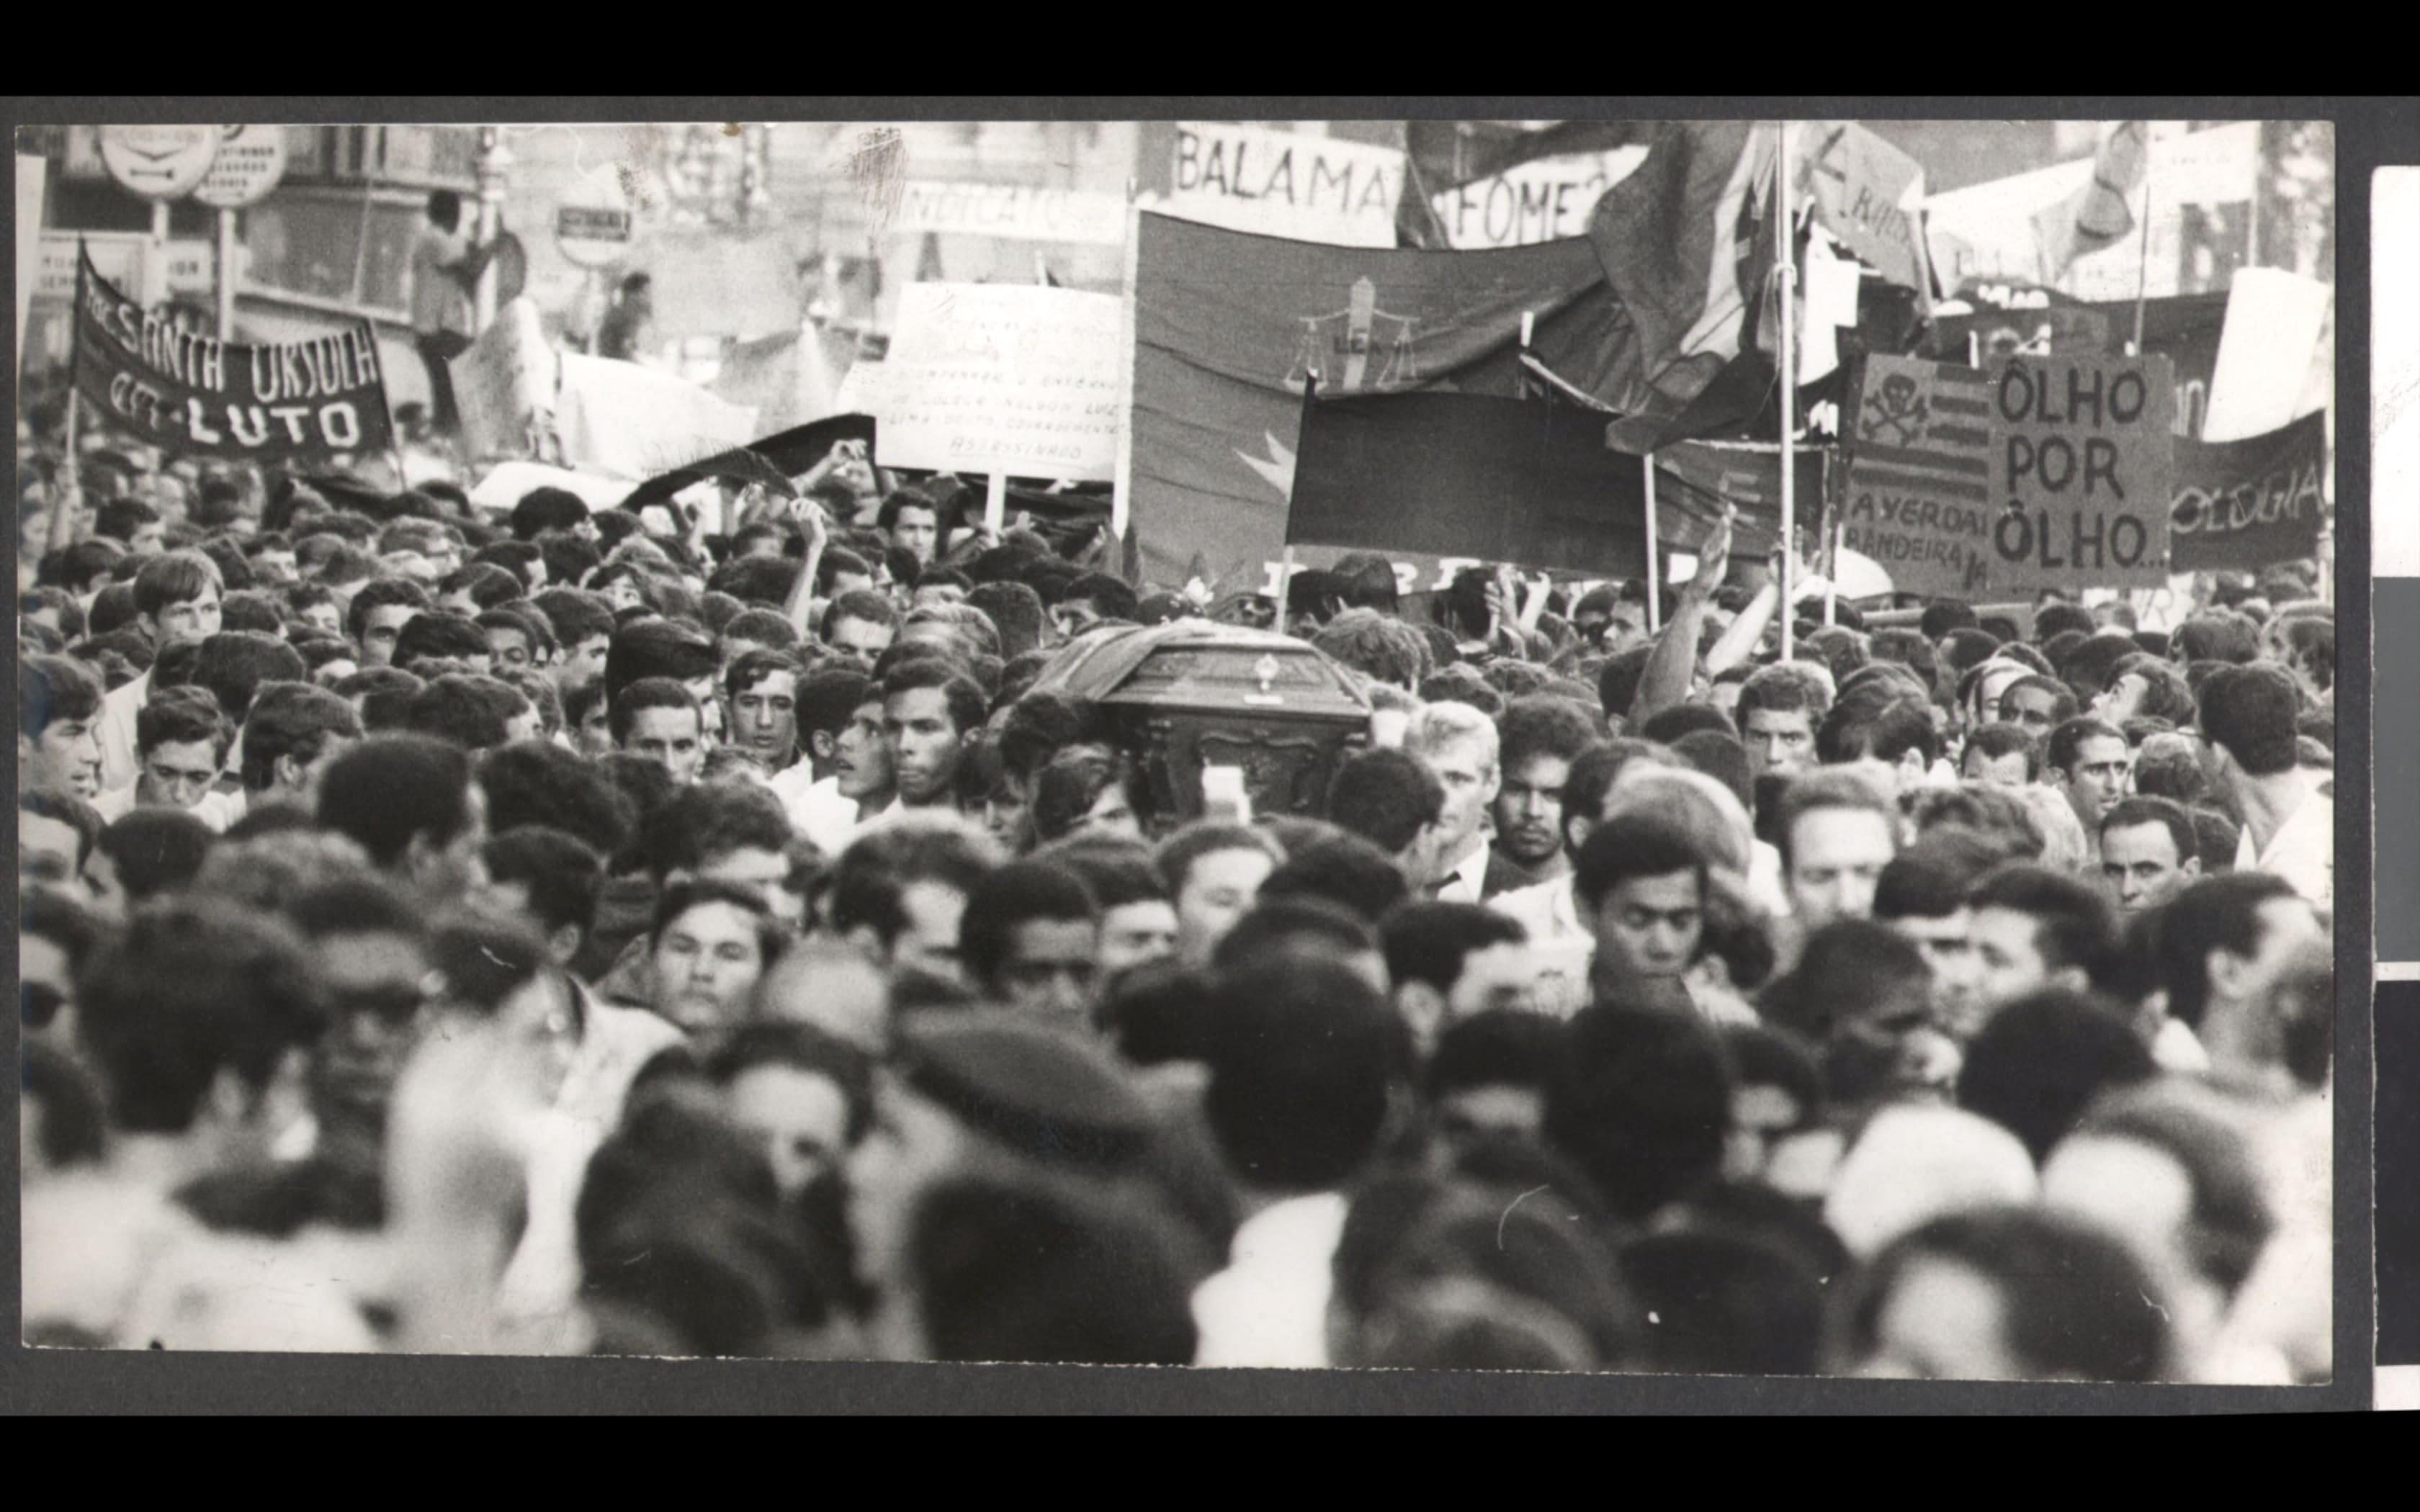 FOTO PROMOCIONAL/CORREIO DA MANHÃ/ACERVO ARQUIVO NACIONAL